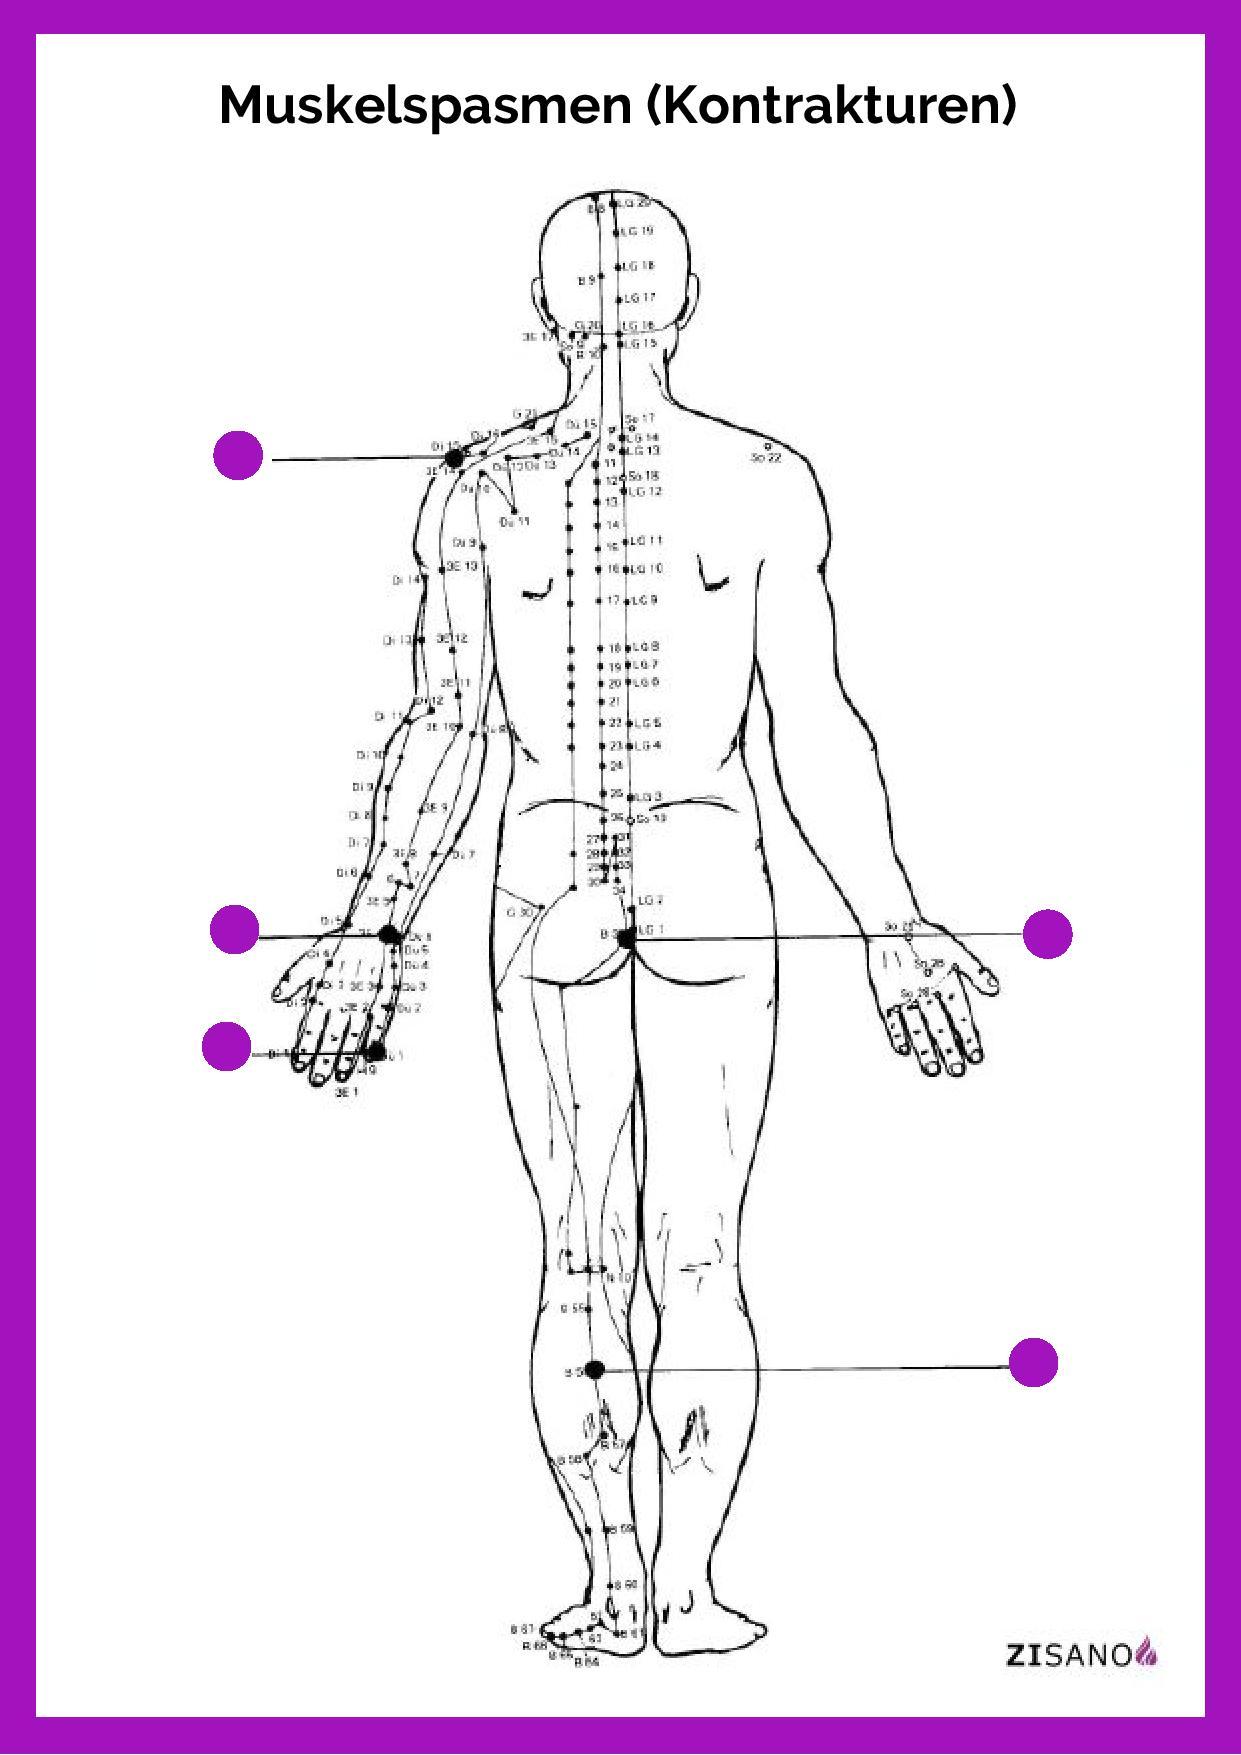 Meridiane - Muskelspasmen - Kontrakturen - Beschwerden